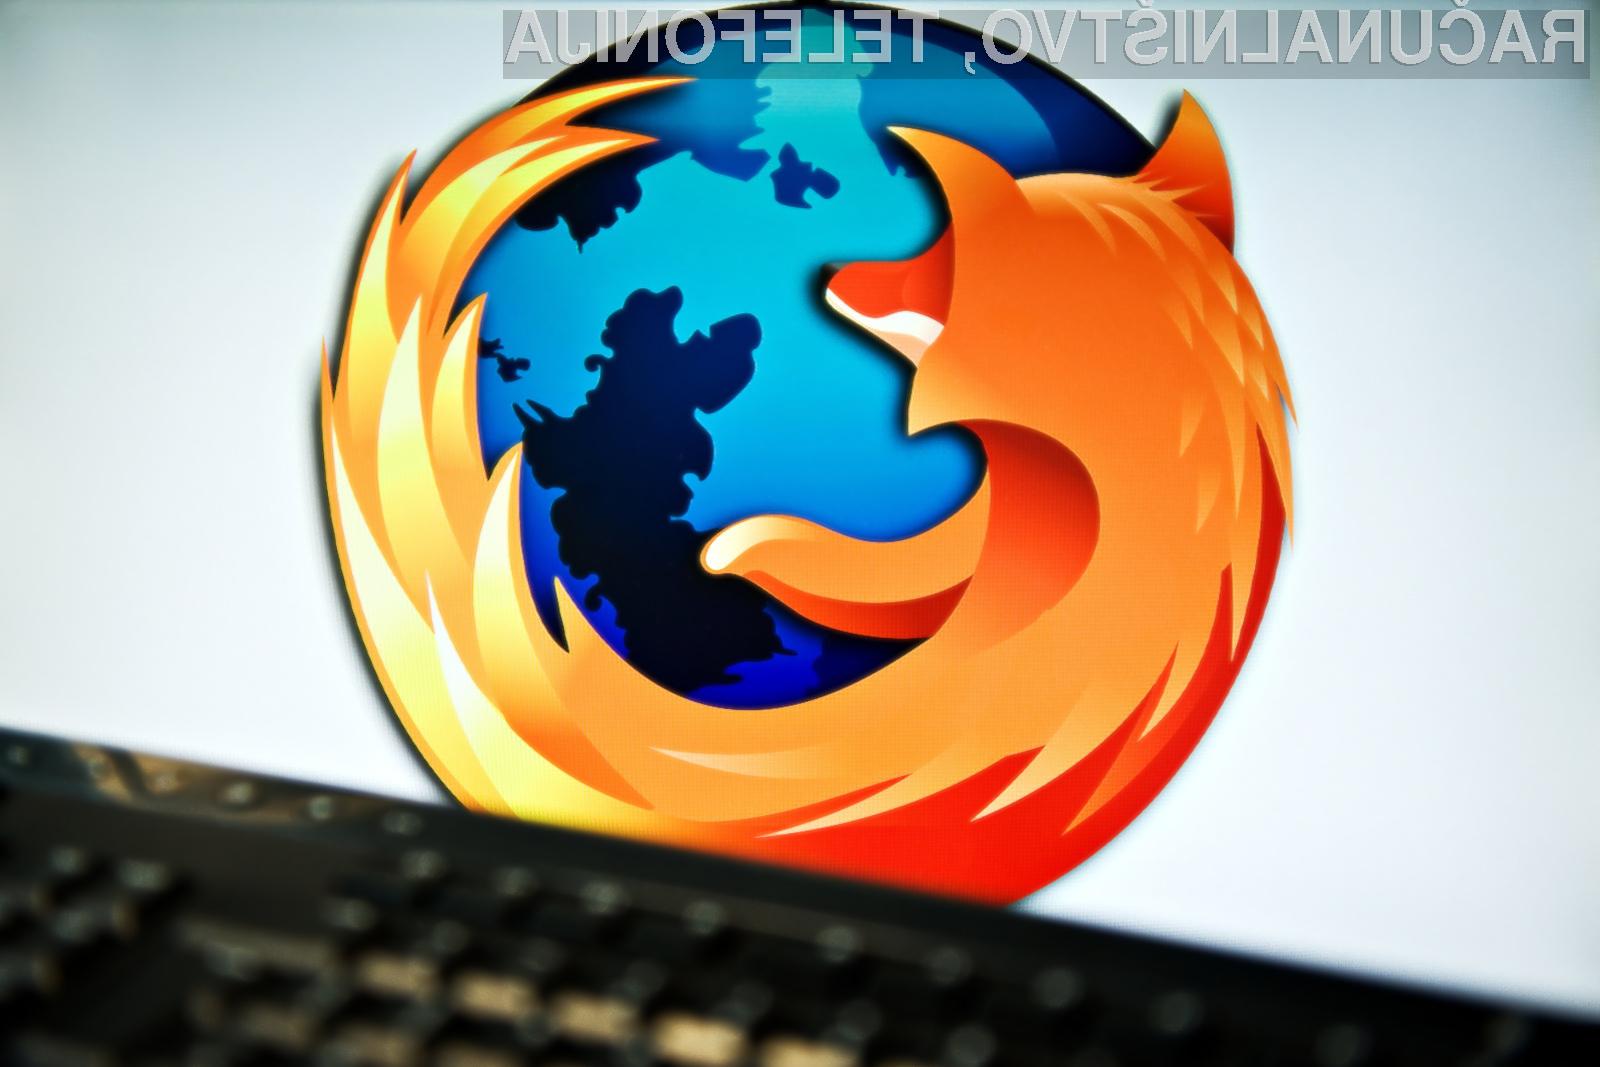 Spletnemu brskalniku Mozilla Firefox trenutno primanjkuje predvsem večprocesorsko delovanje!